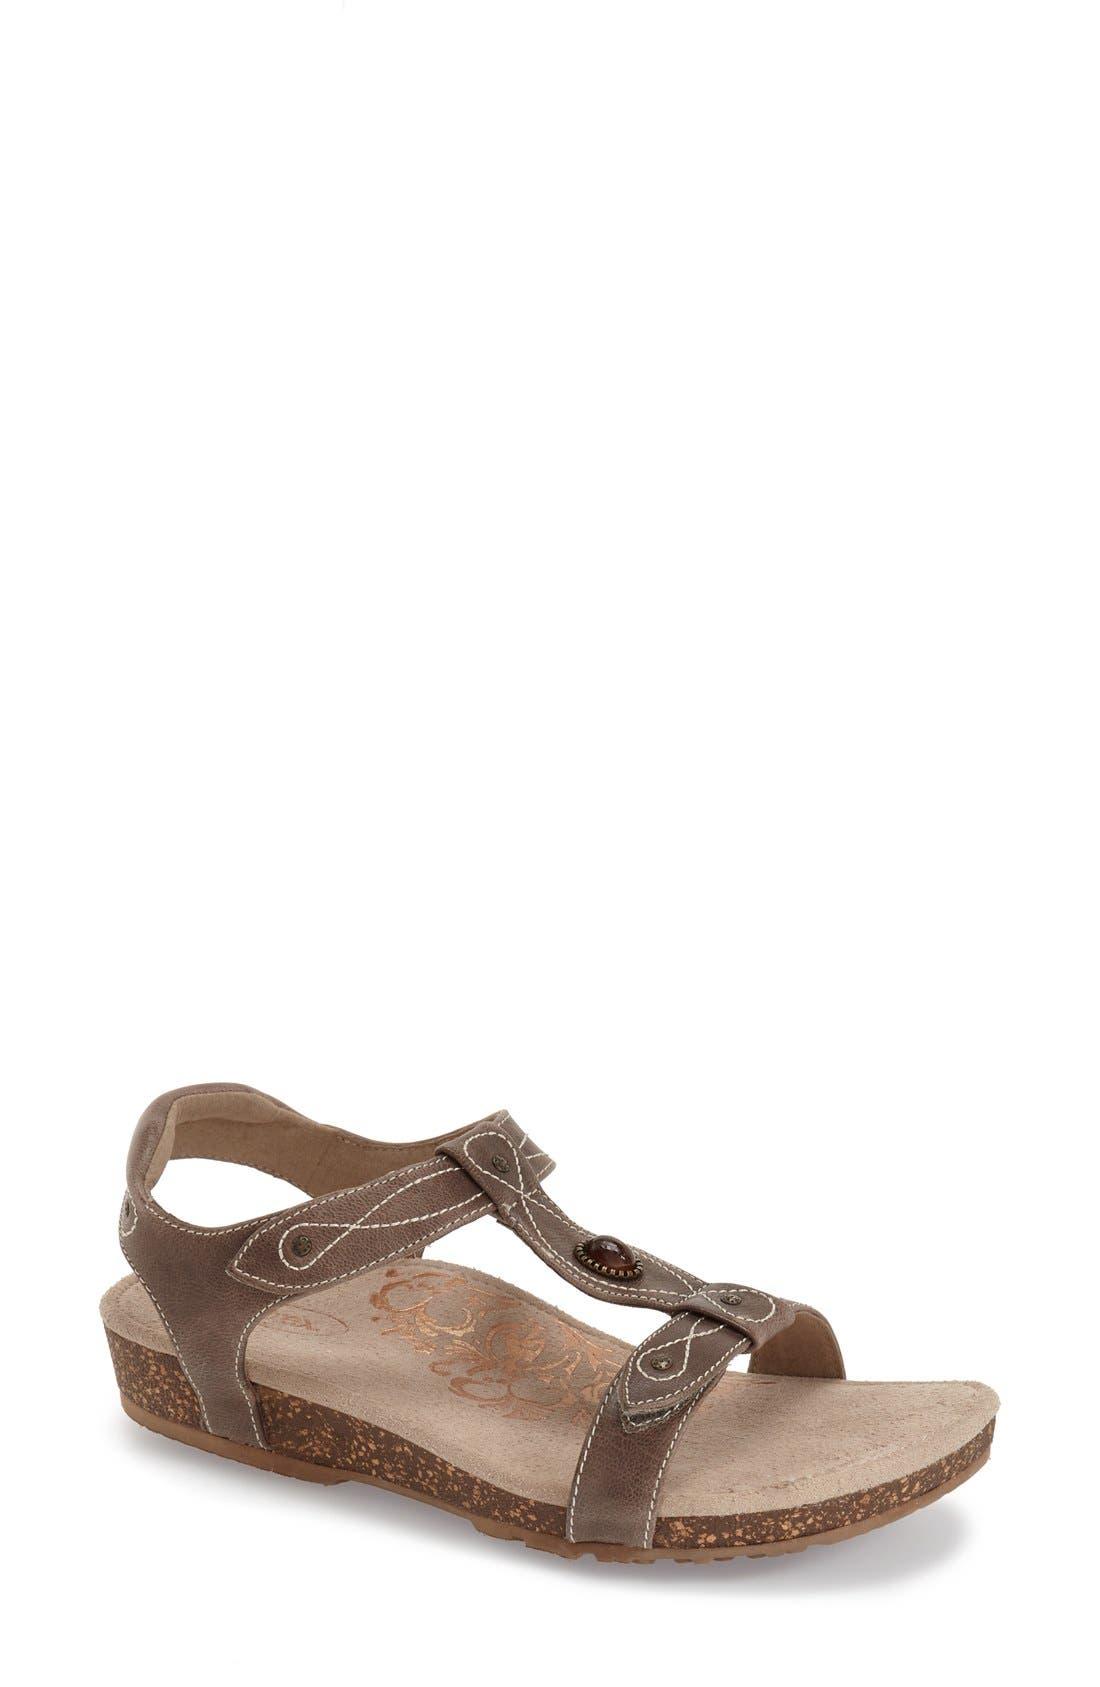 Aetrex 'Lori' Sandal